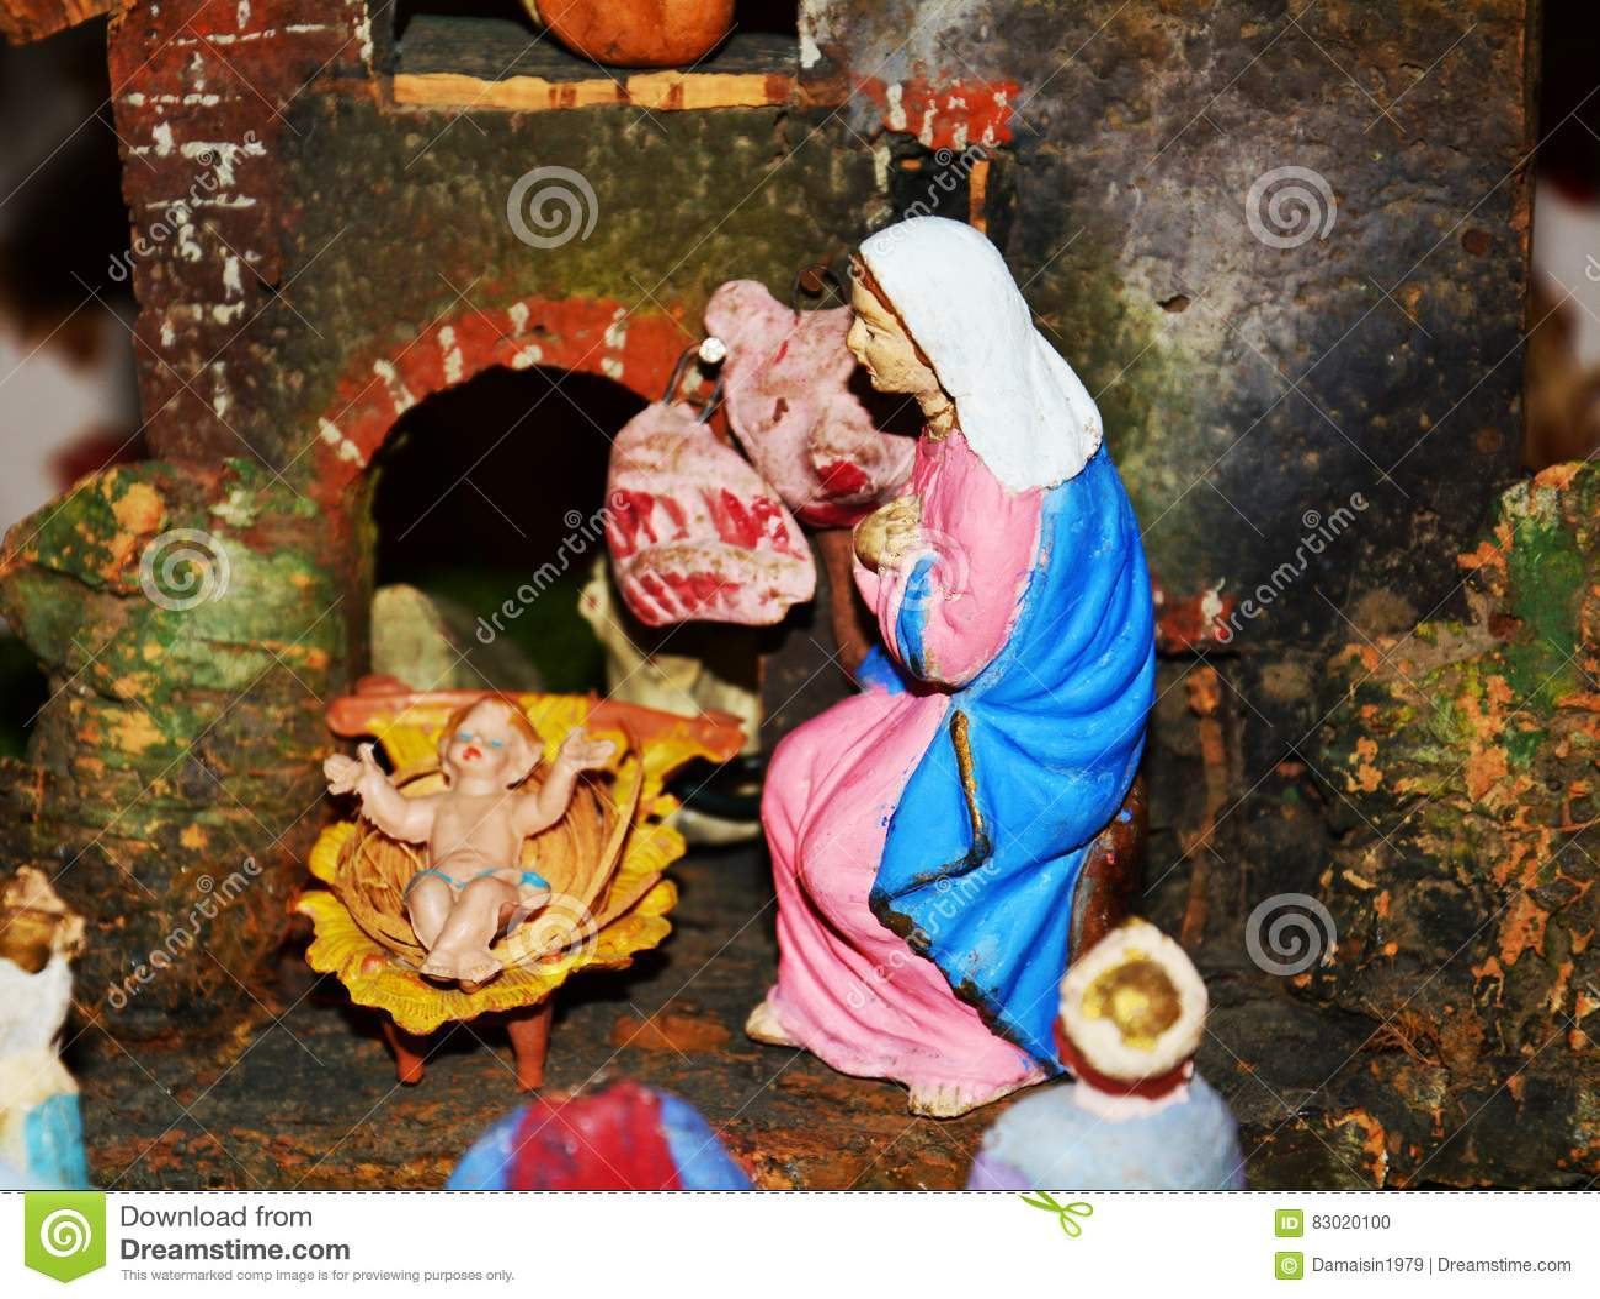 Immagini Religiose Di Natale.Decorazioni Religiose Di Natale Fotografia Stock Immagine